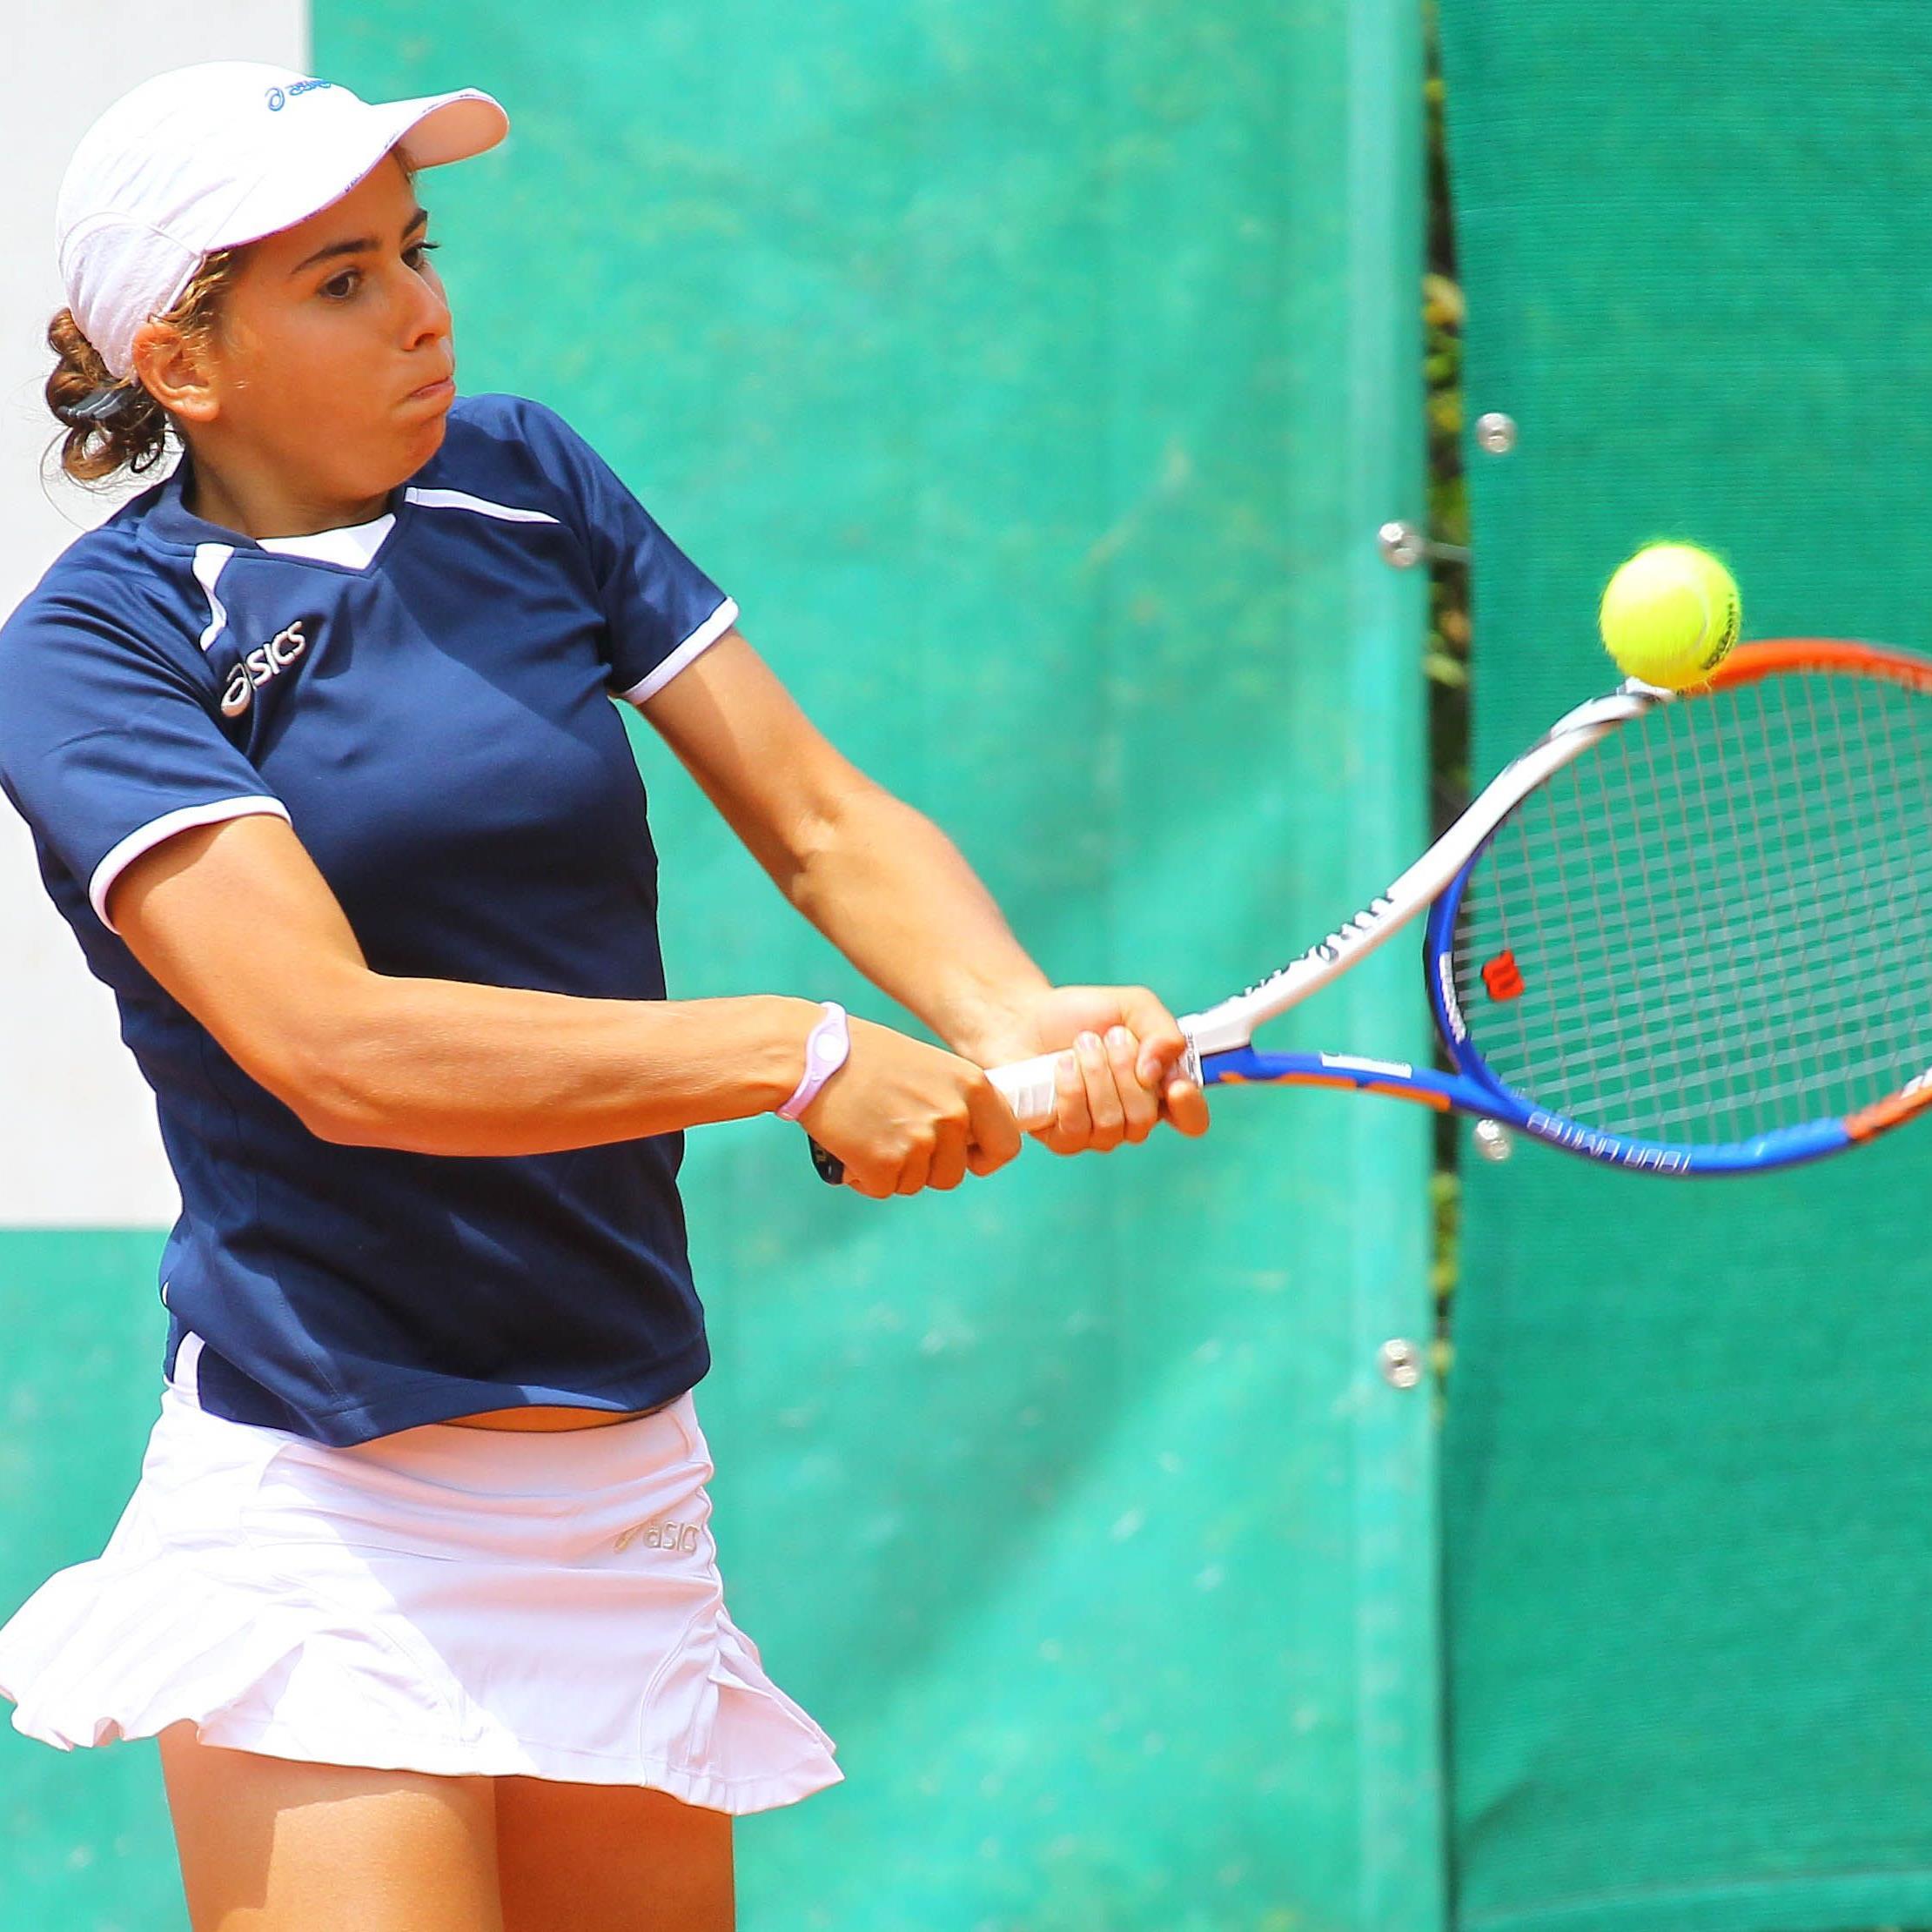 Dornbirnerin Julia Grabher holt Gold im Doppel und im Einzel.